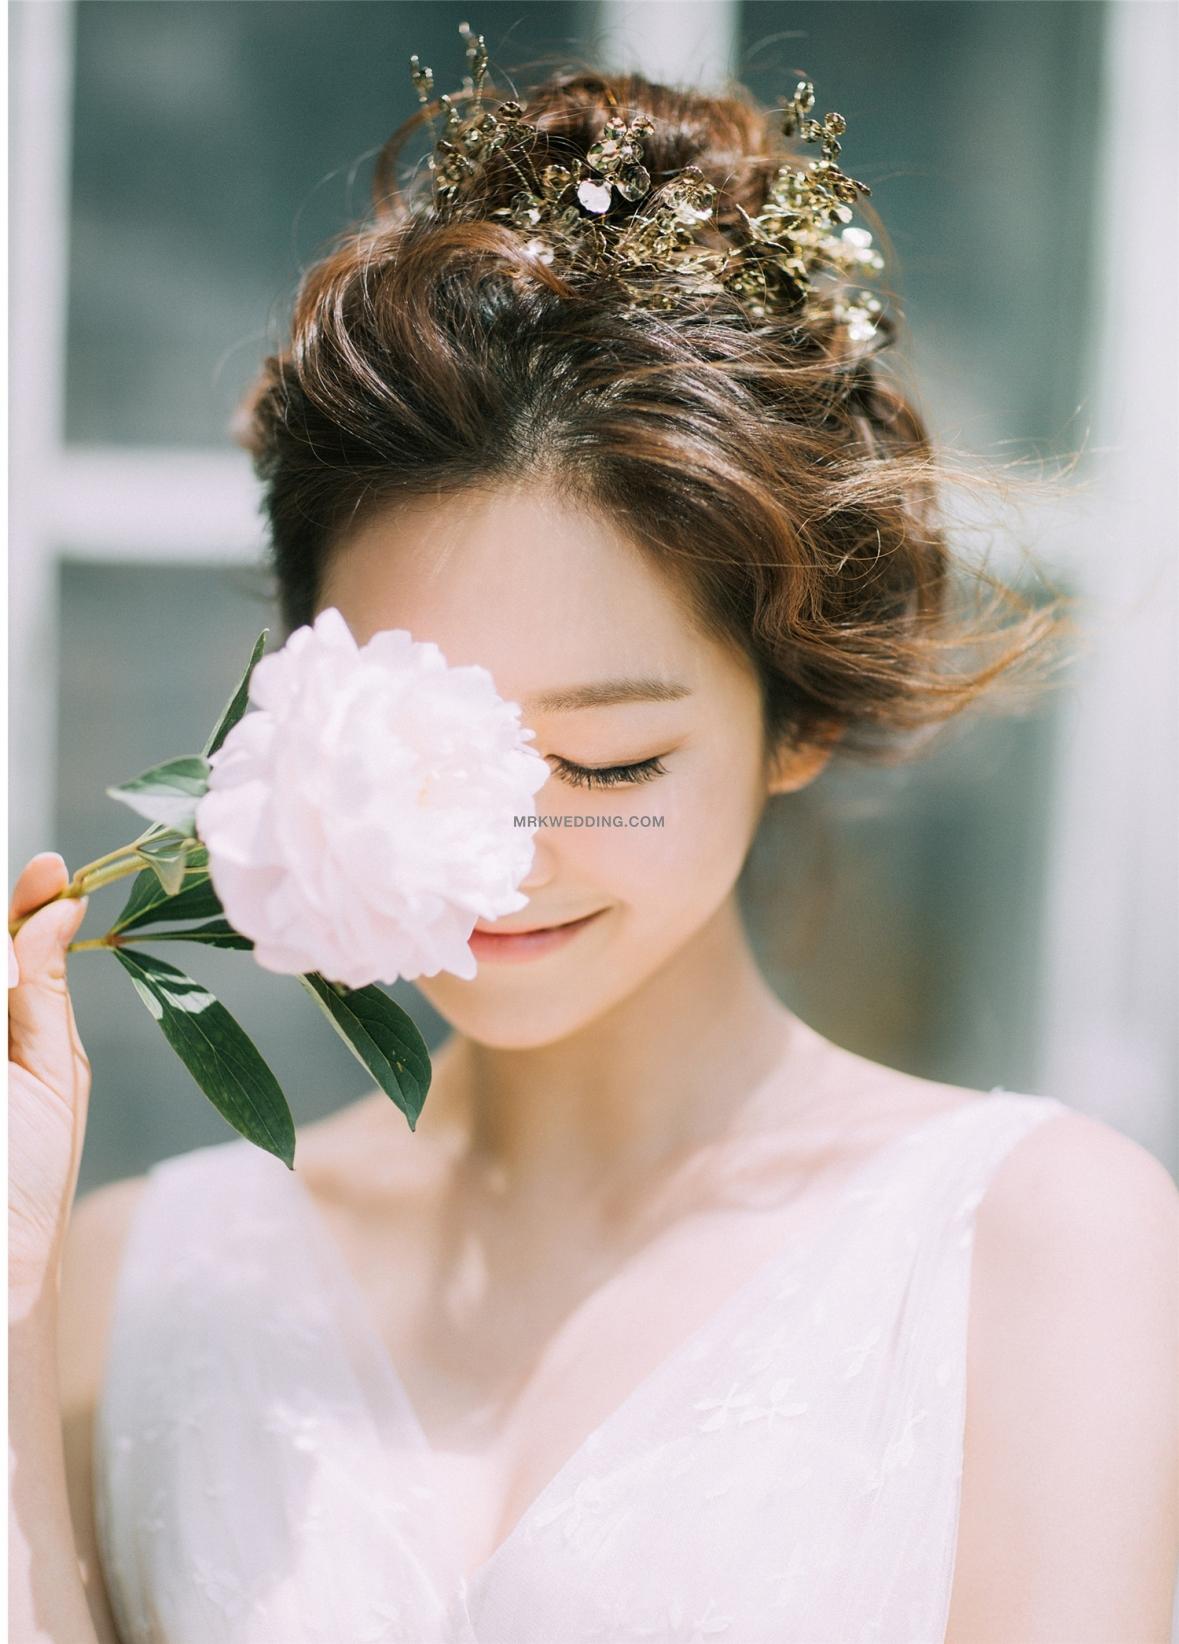 koreaprewedding14.jpg